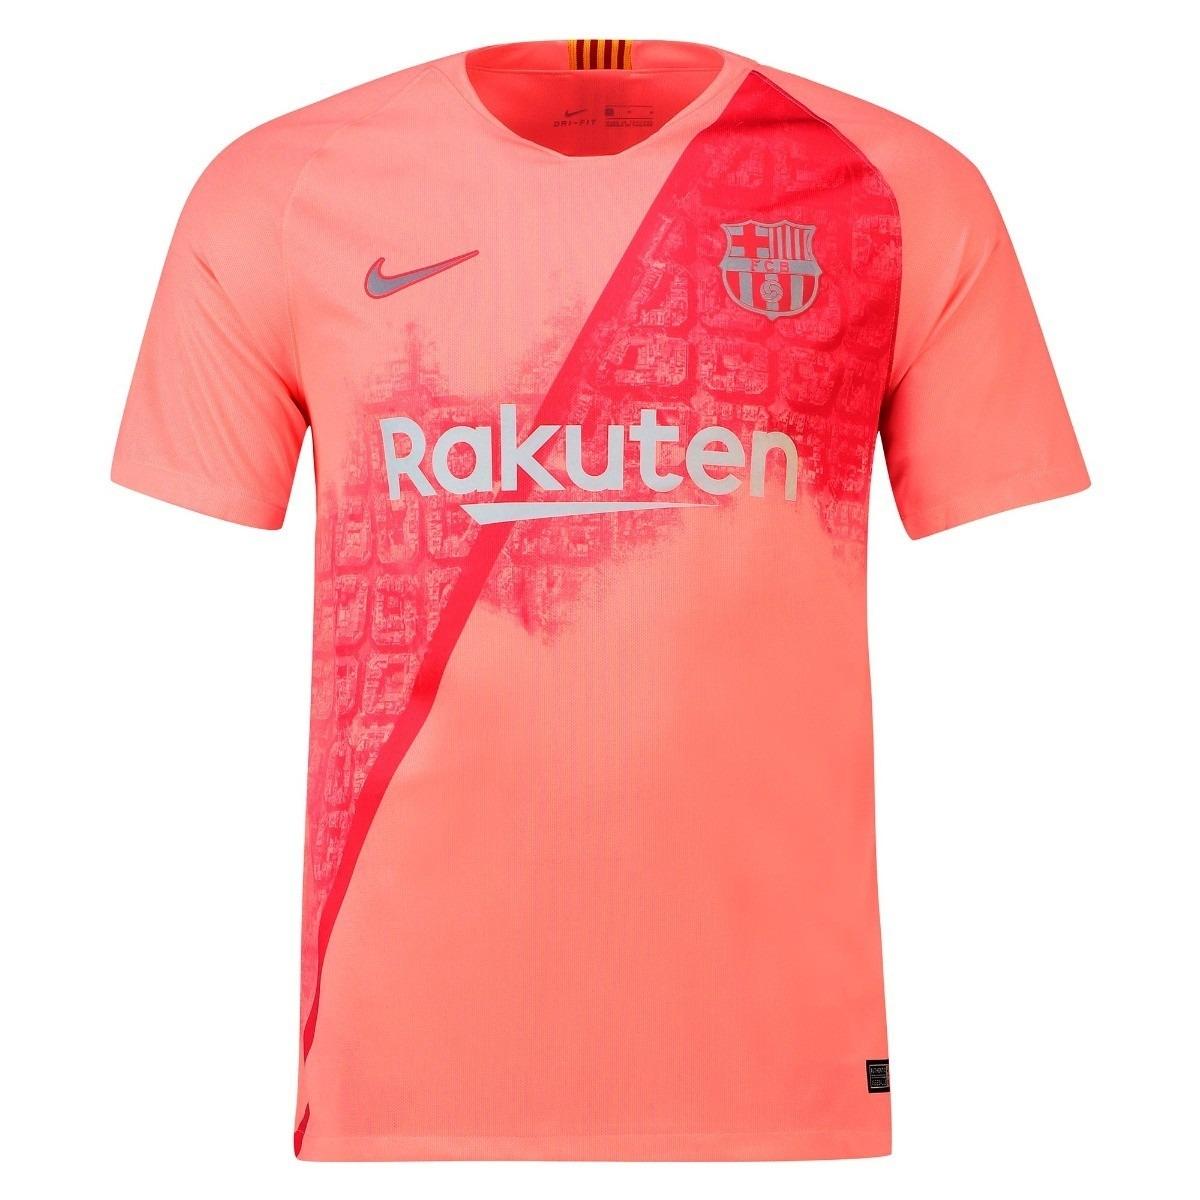 nova camiseta do barcelona - nike - rosa - modelo 2018  2019. Carregando  zoom. 5b64f19a72f33